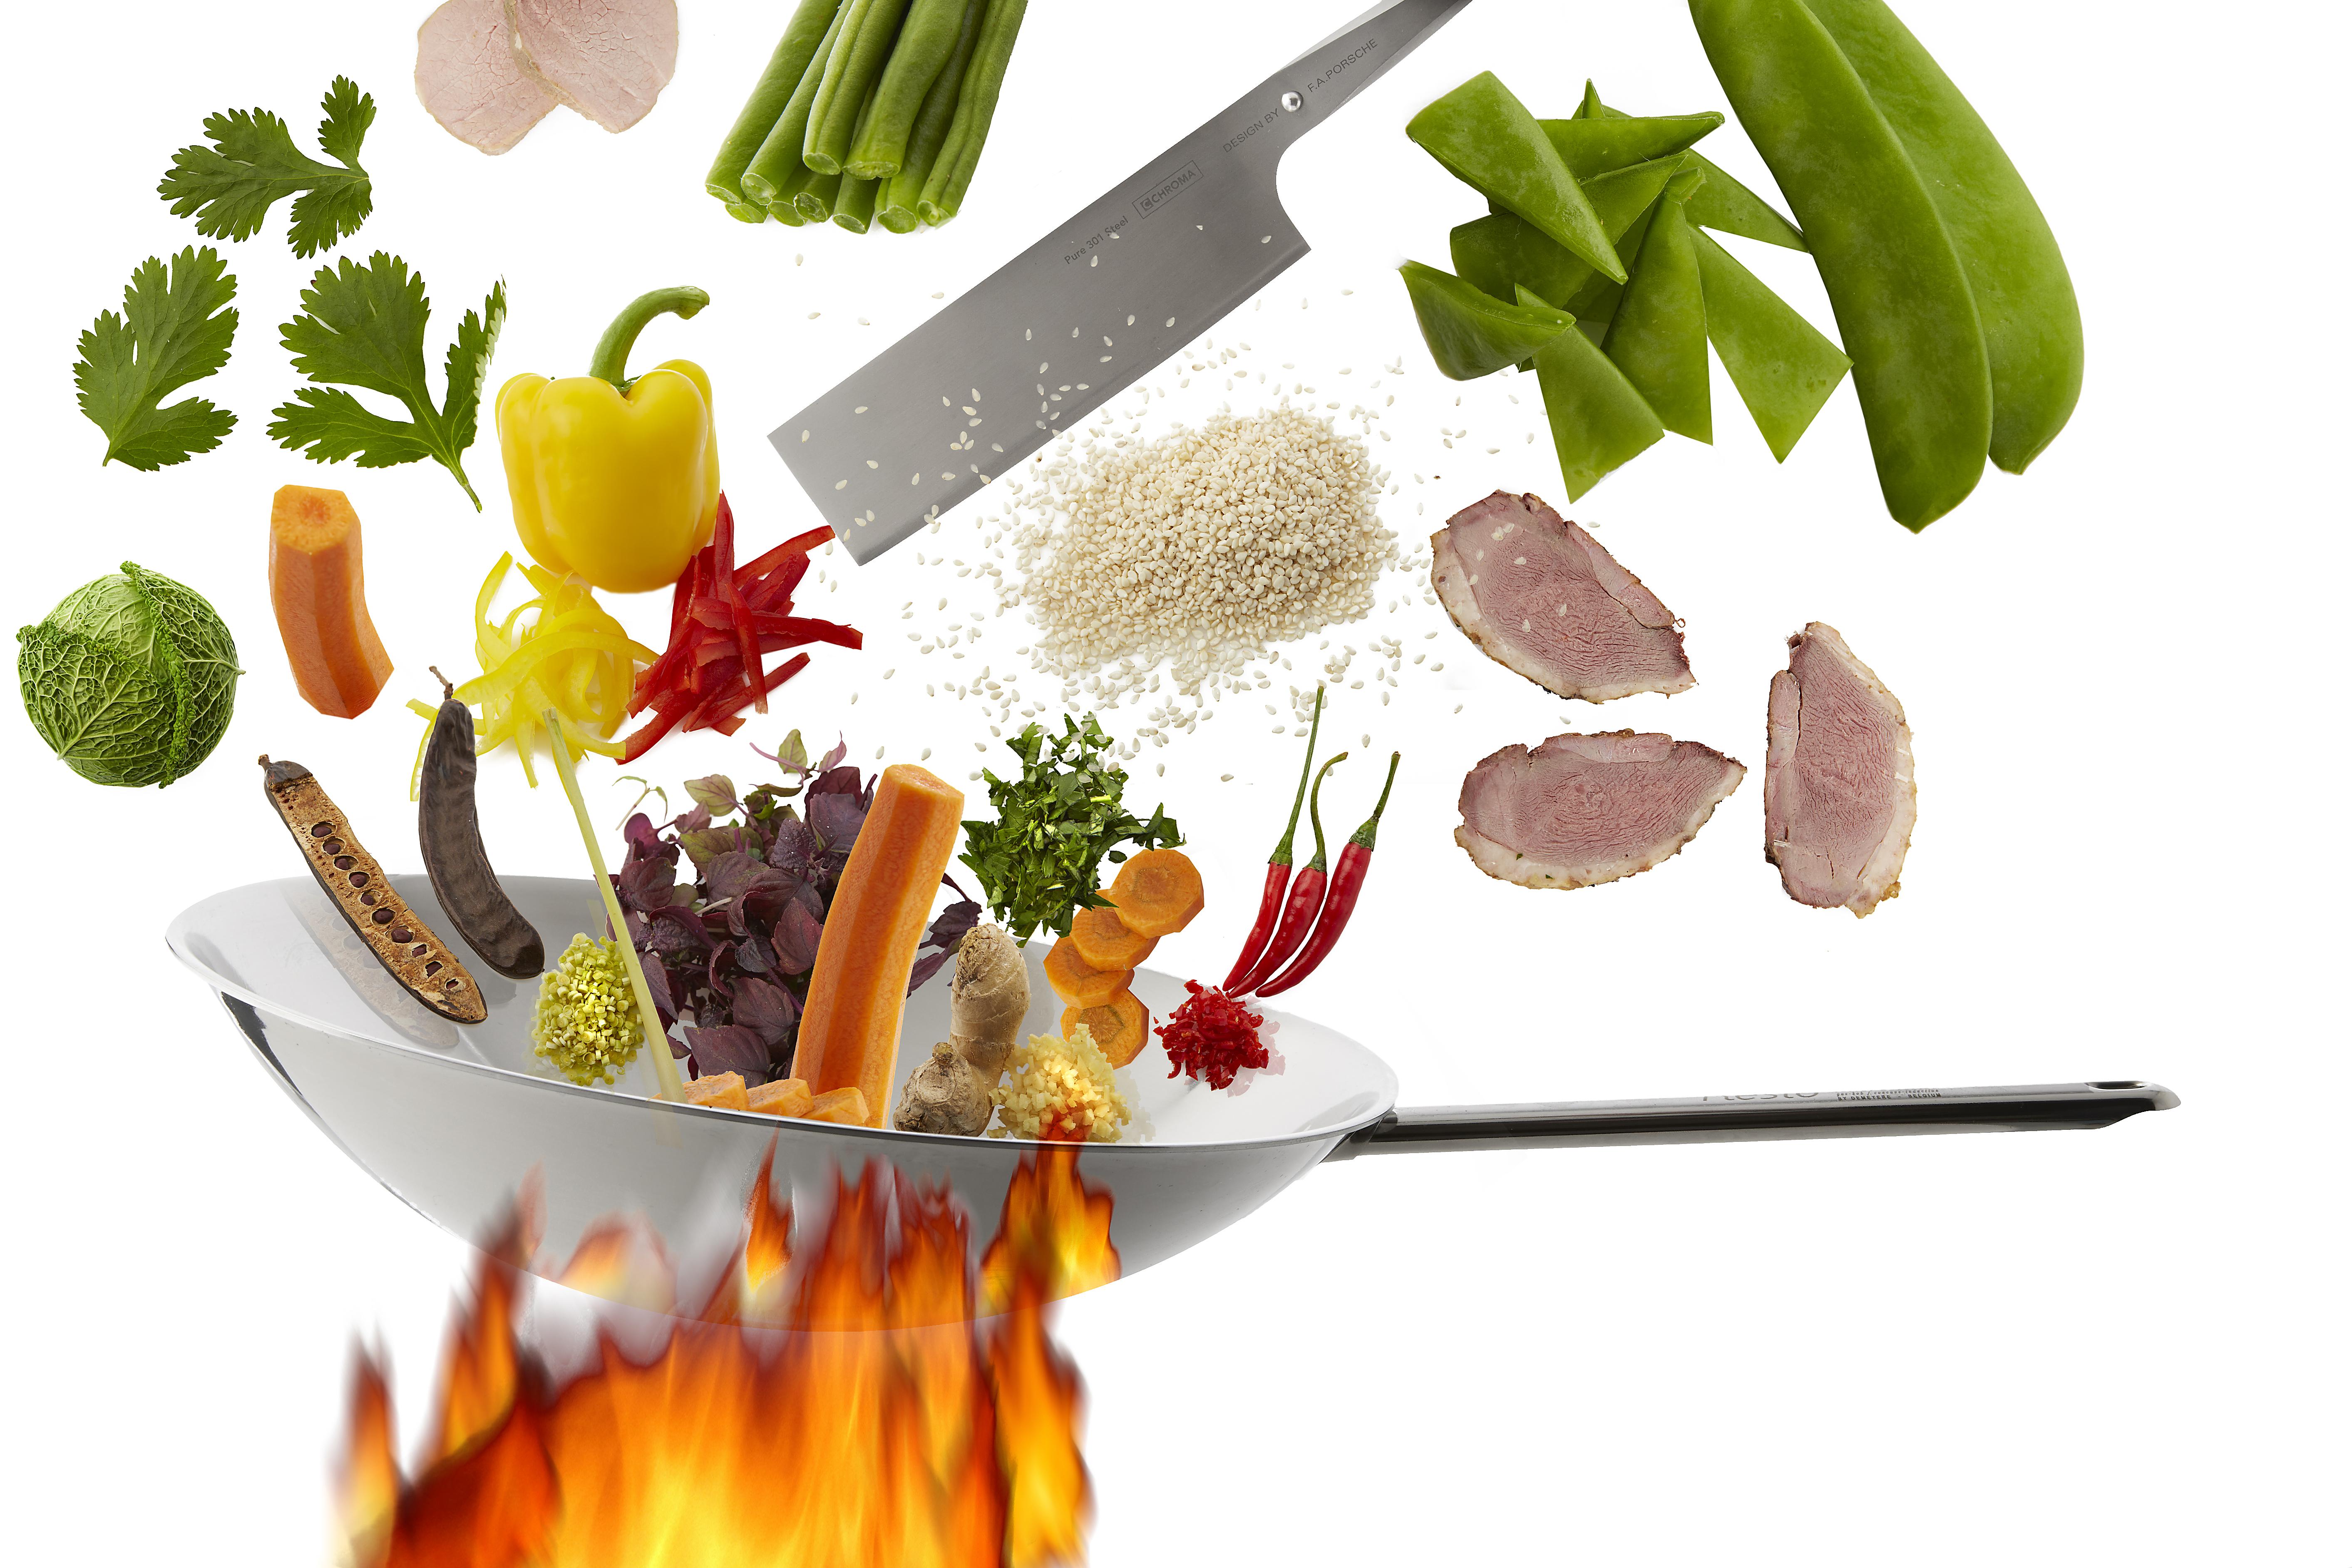 Foodfotografie - Pasta BAR und WOK im Mittelpunkt